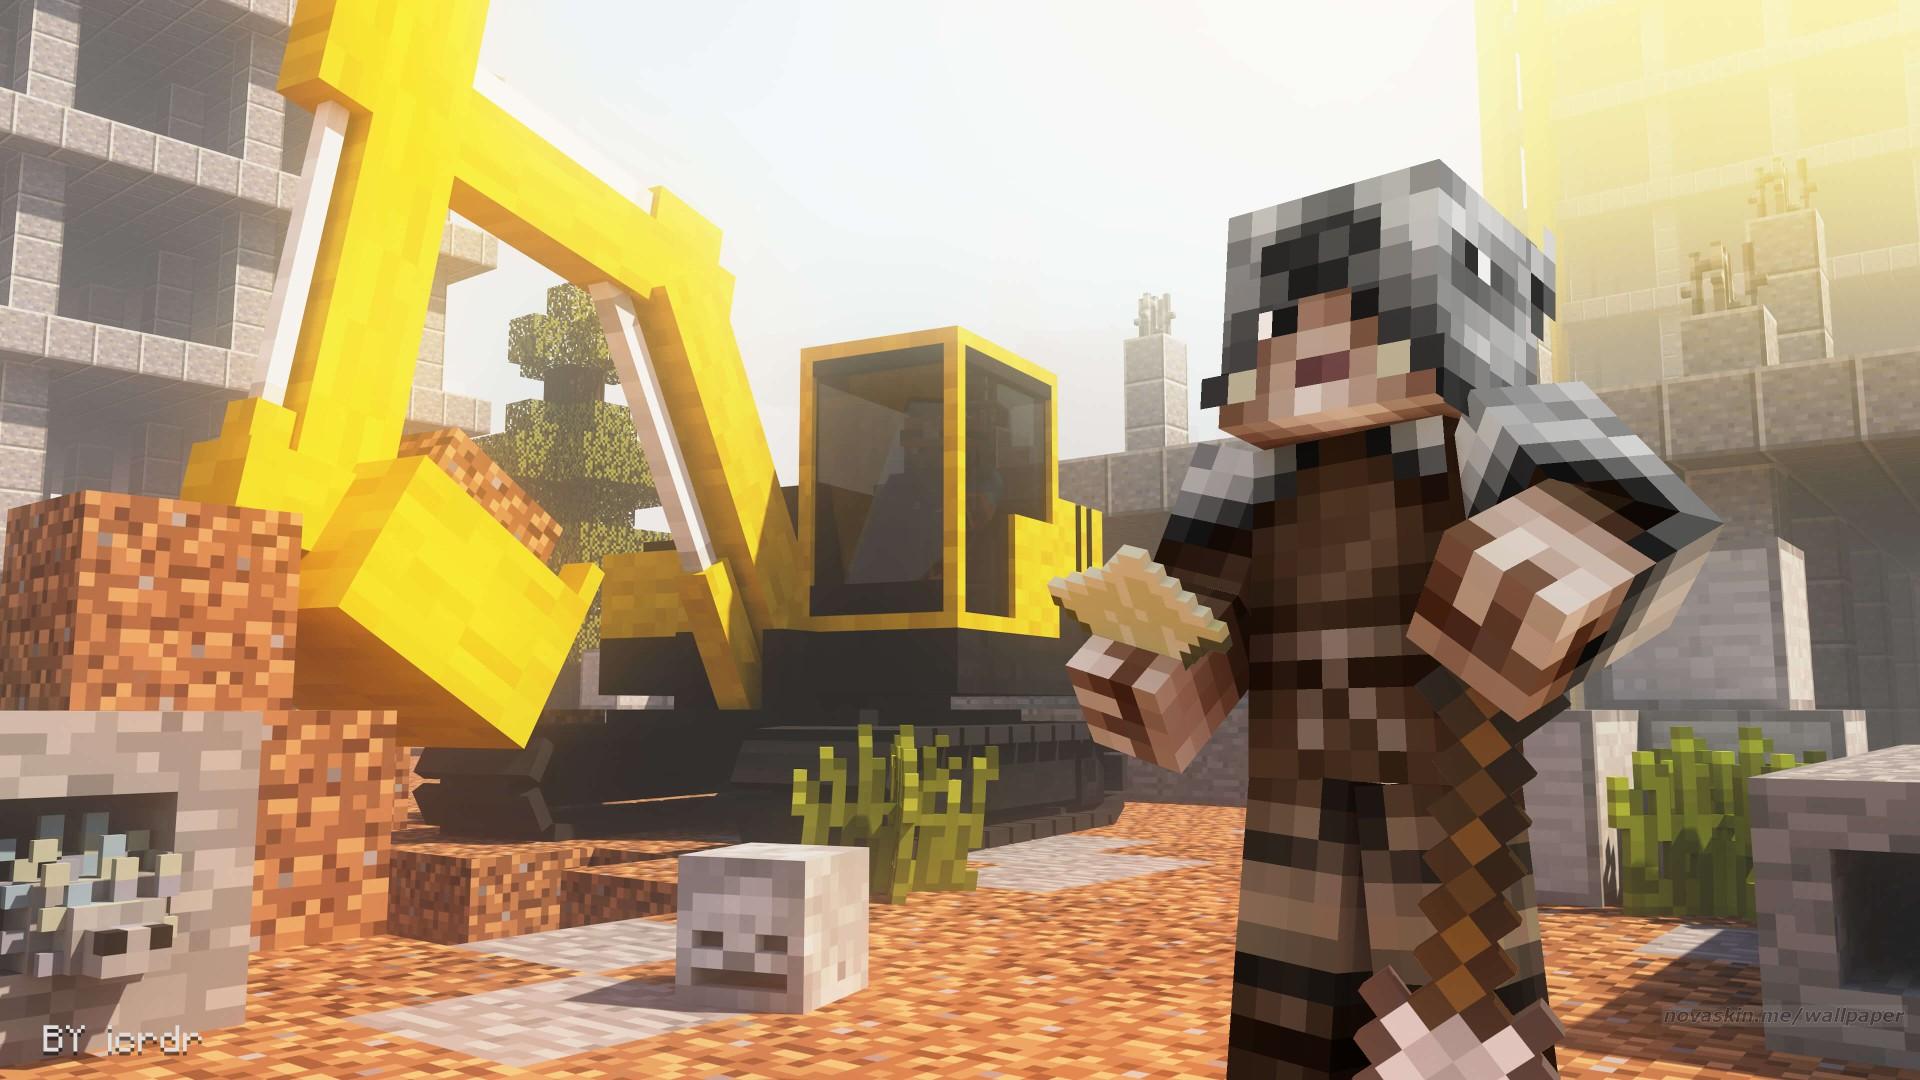 Entrevista Mundo-Minecraft: kili_de_erebor